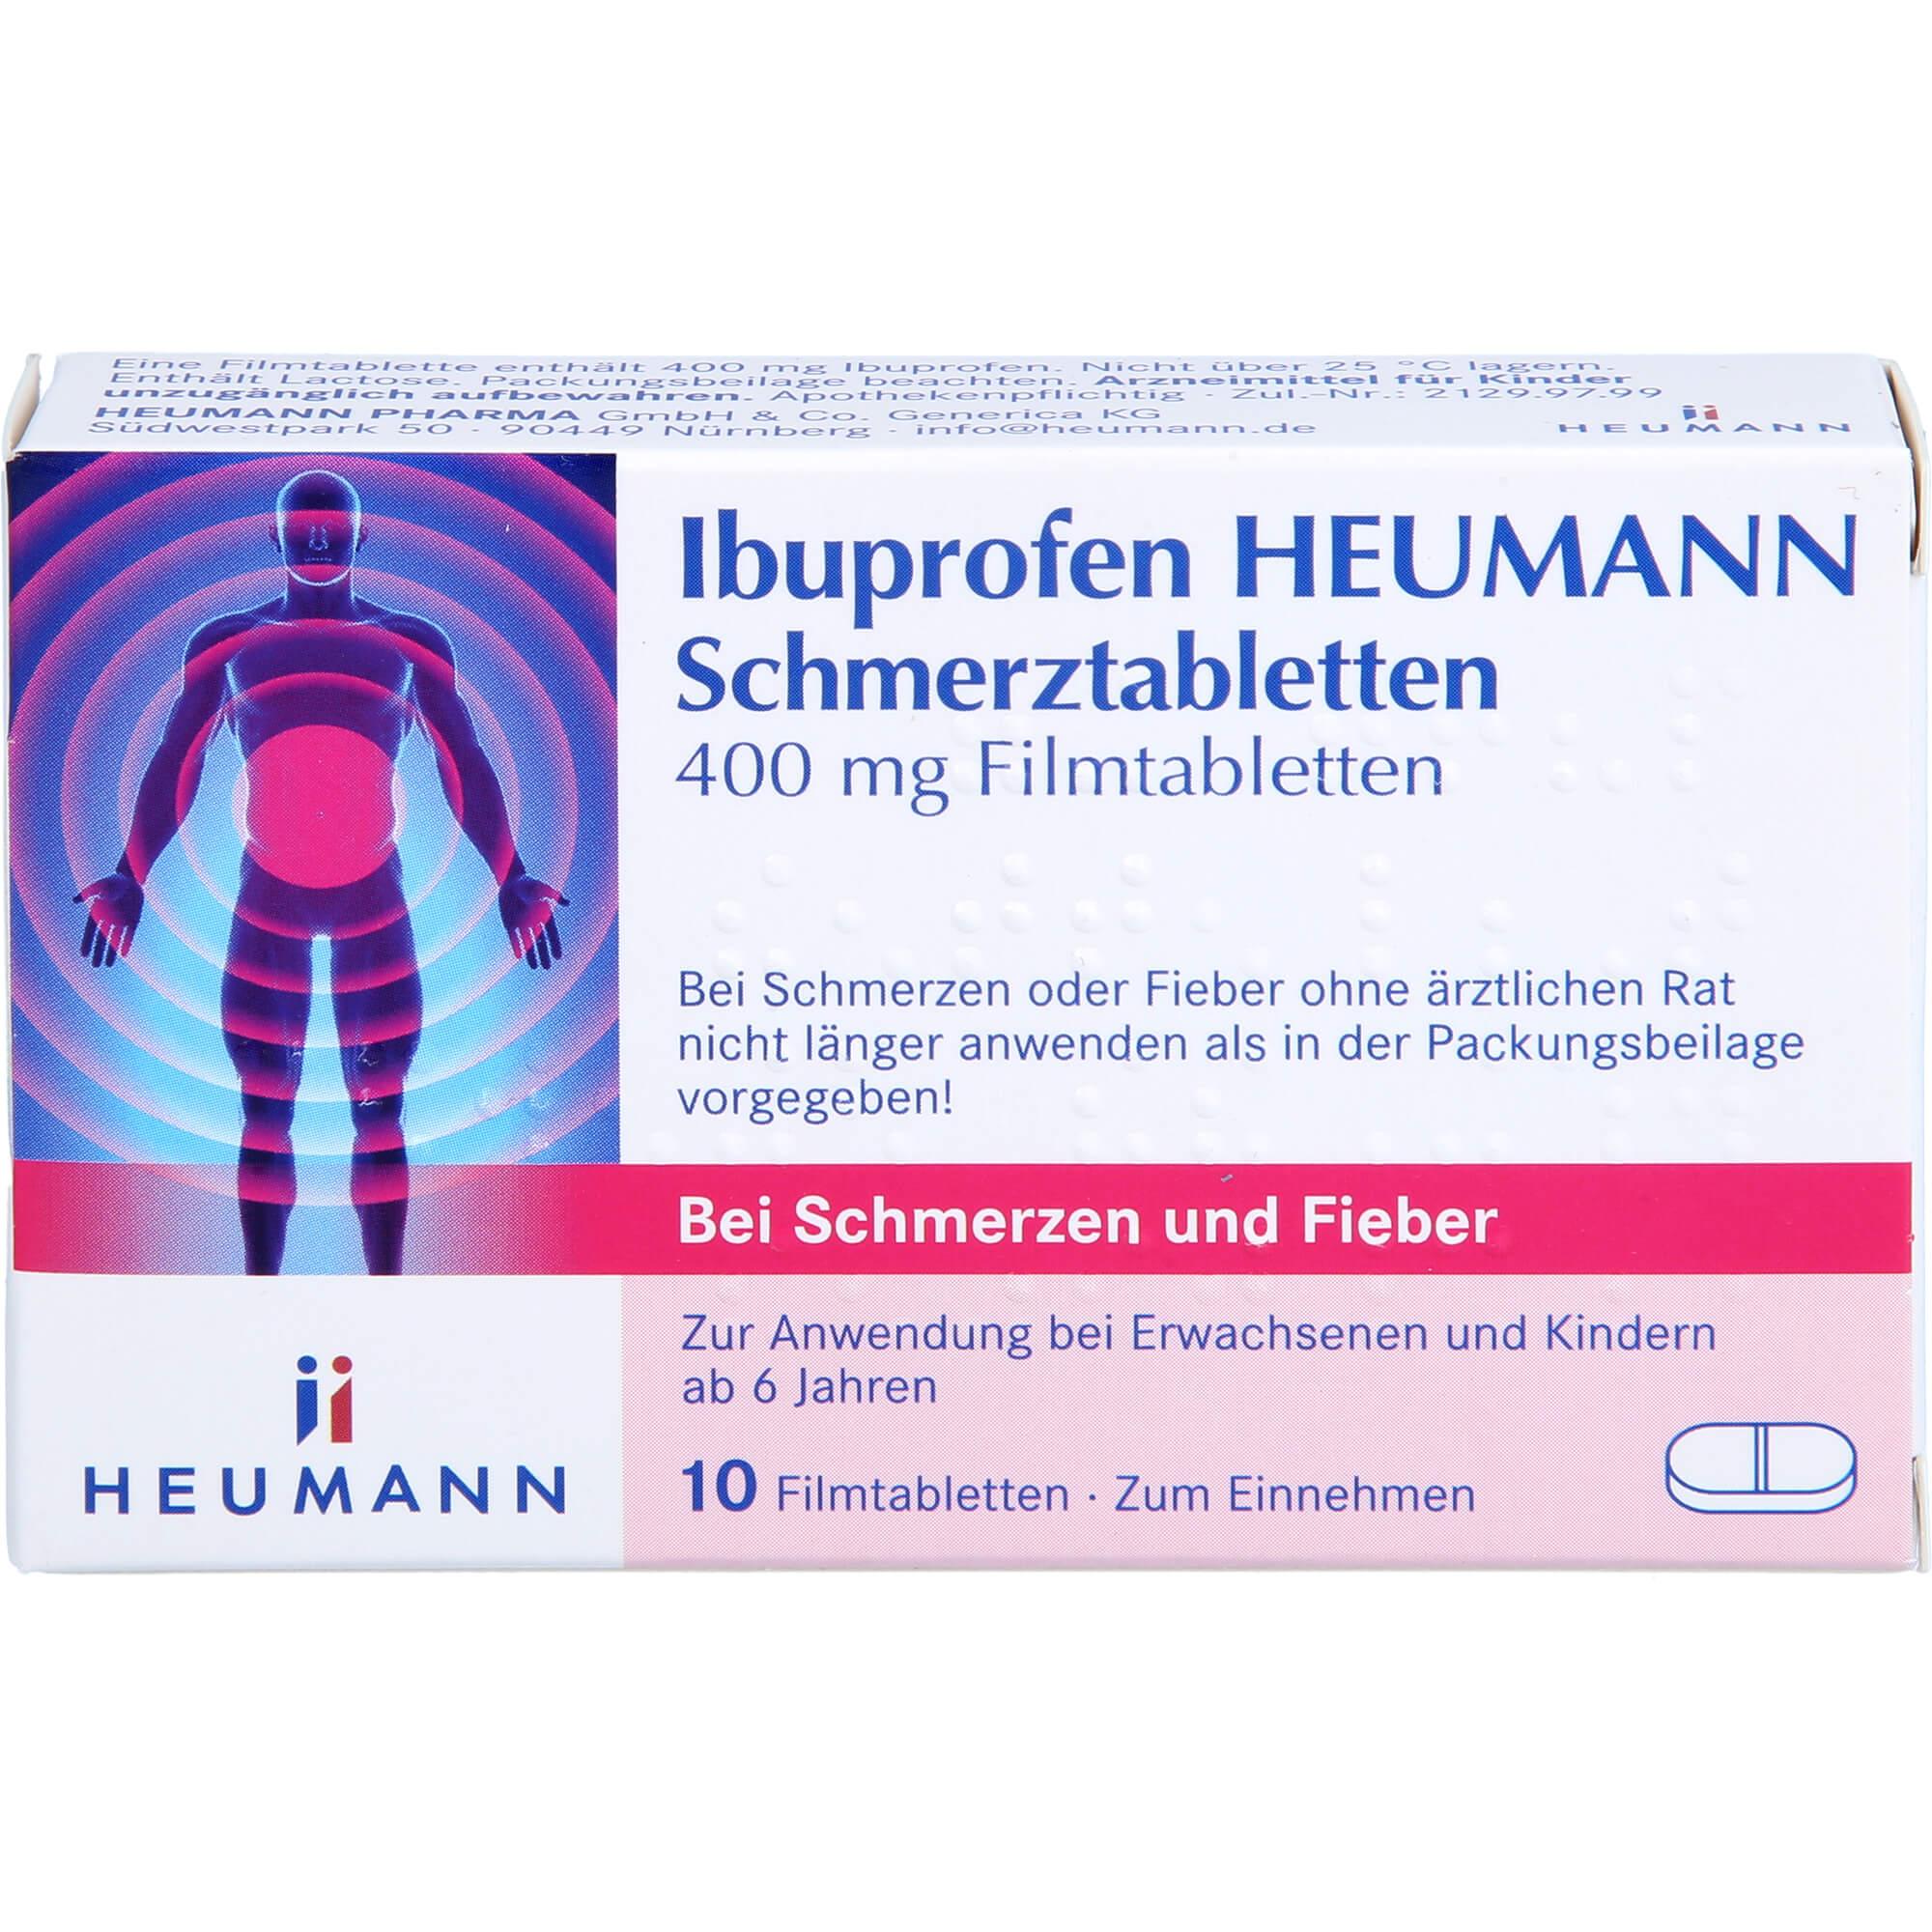 IBUPROFEN-Heumann-Schmerztabletten-400-mg